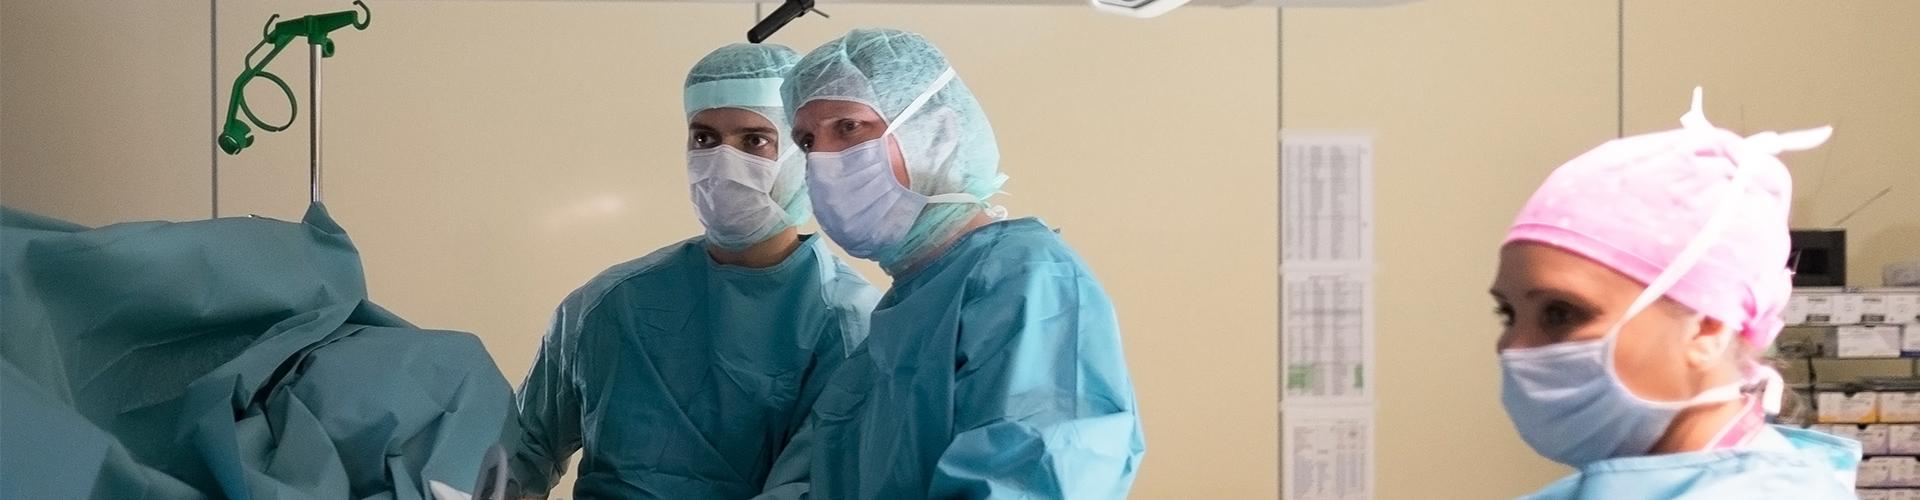 Bild passend zu Orthopädie & Unfallchirurgie